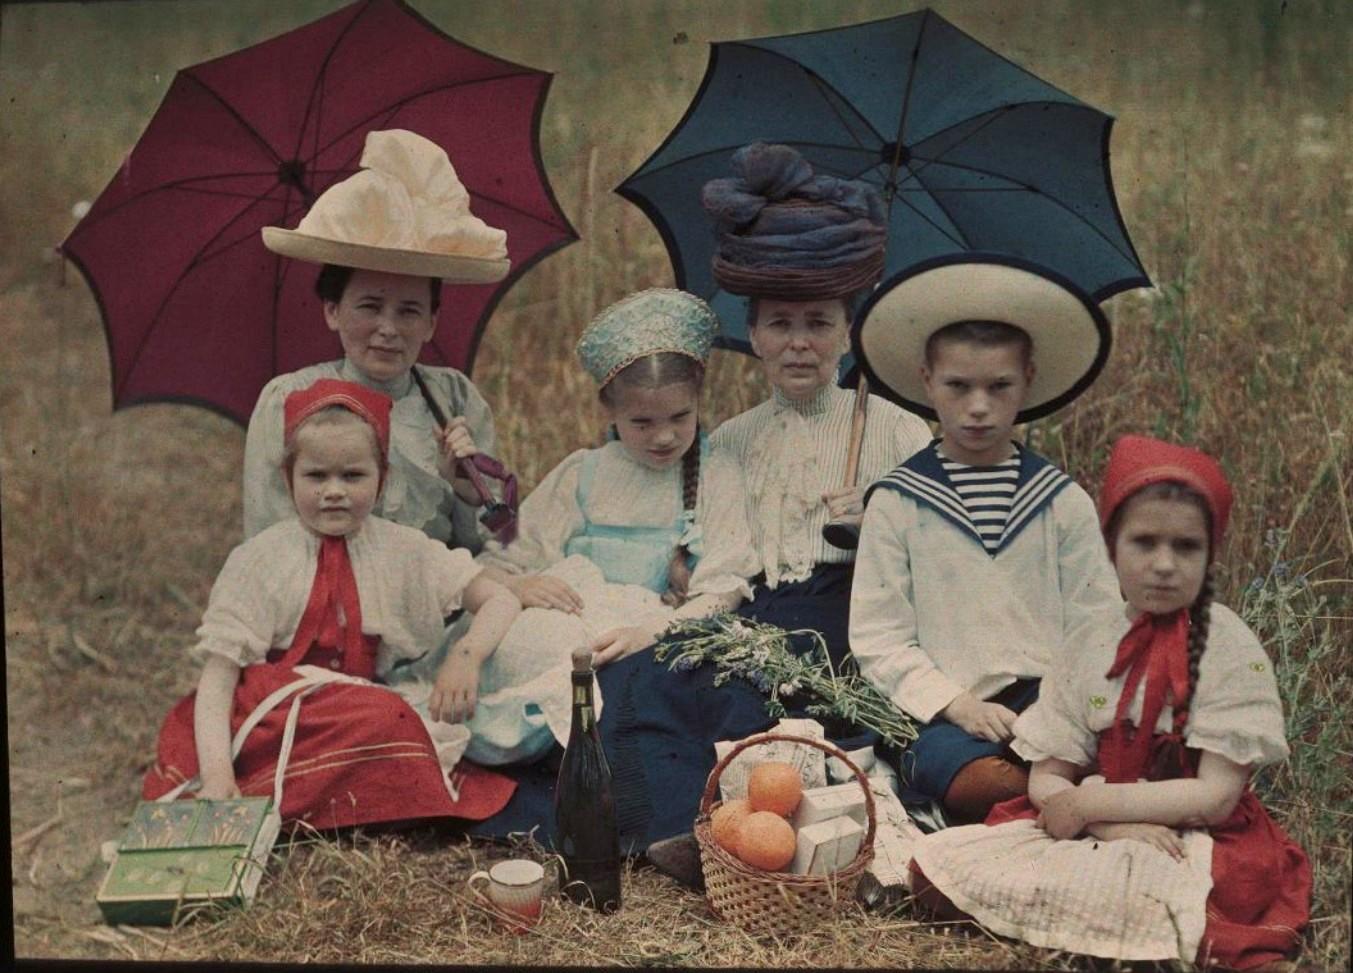 1910. Таня, Наташа, Коля и Лиза Козаковы, Вера Николаевна Веденисова и Елена Францевна Базилева. Ялта